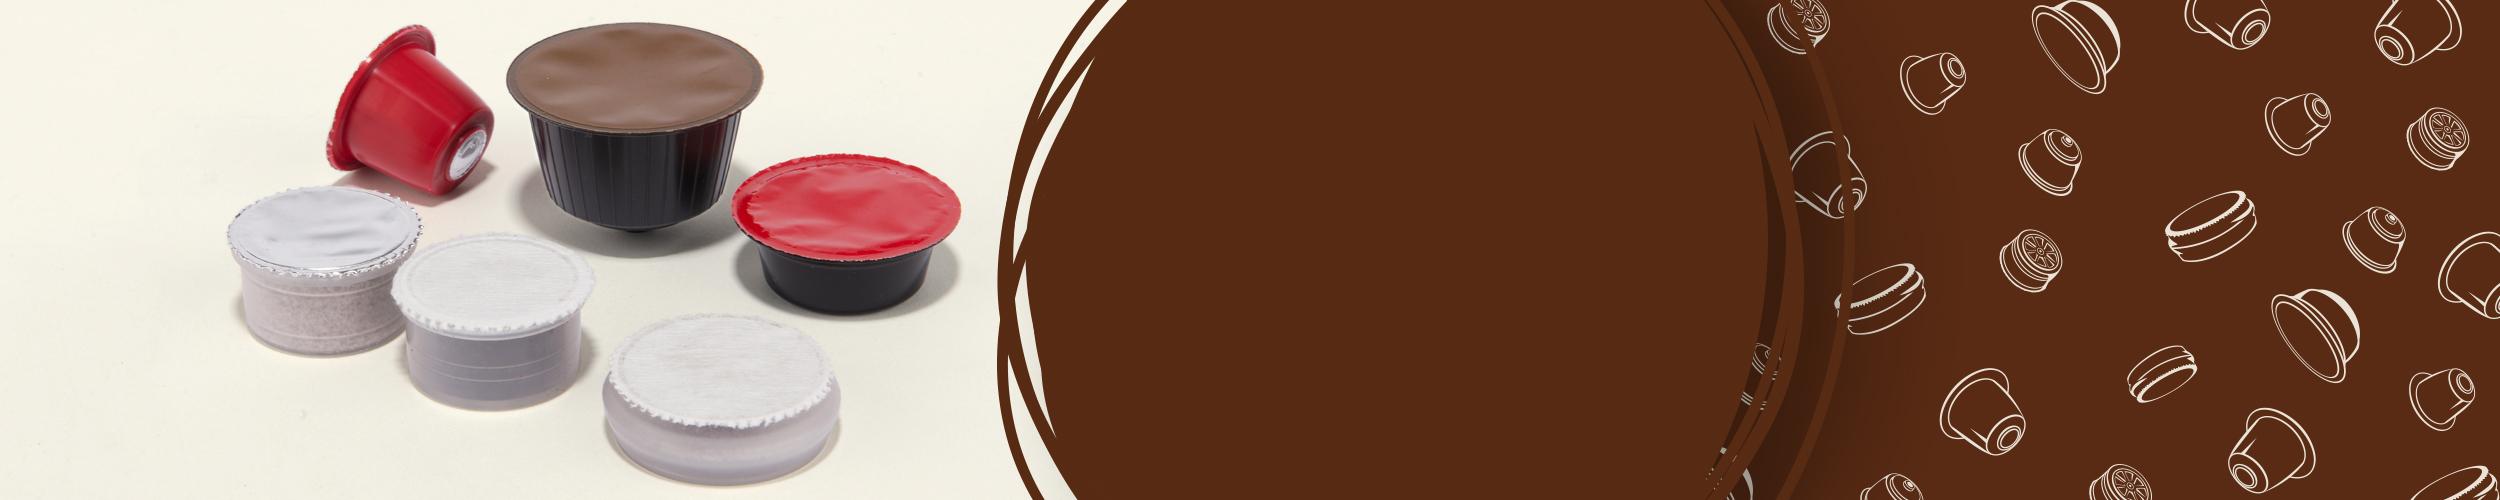 Vendita online capsule e cialde compatibili Lavazza A Modo Mio®, Lavazza Espresso Point®, Nestlé Dolce Gusto, Nespresso - Coff-e